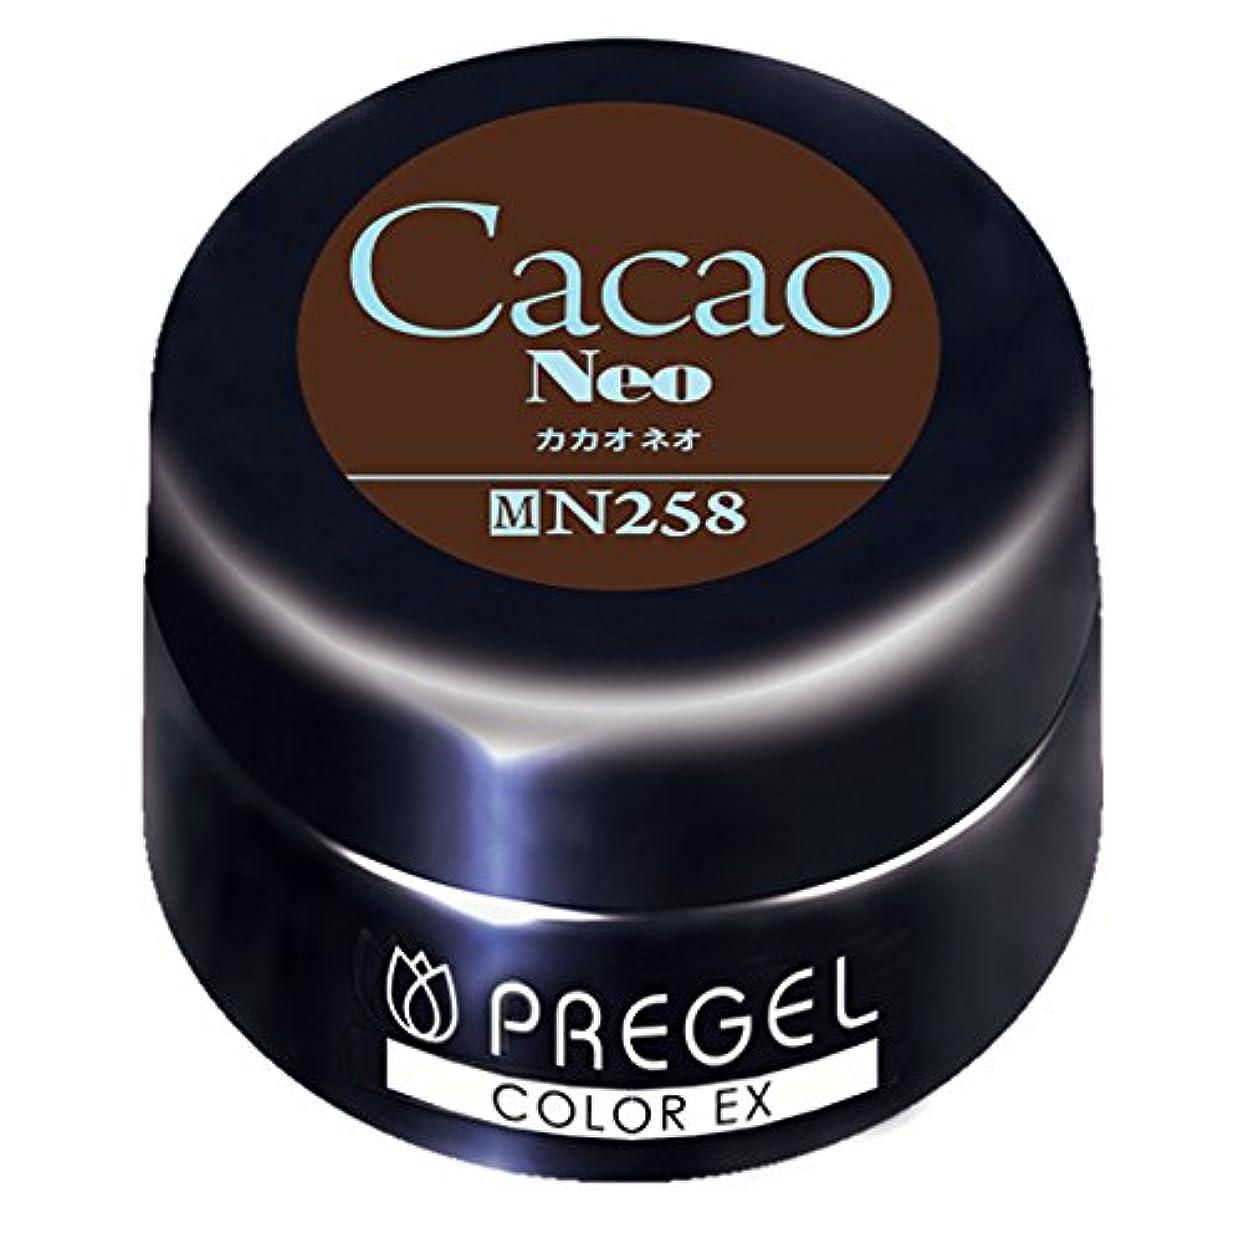 以来ハードリング記者PRE GEL カラーEX カカオneo 258 4g UV/LED対応